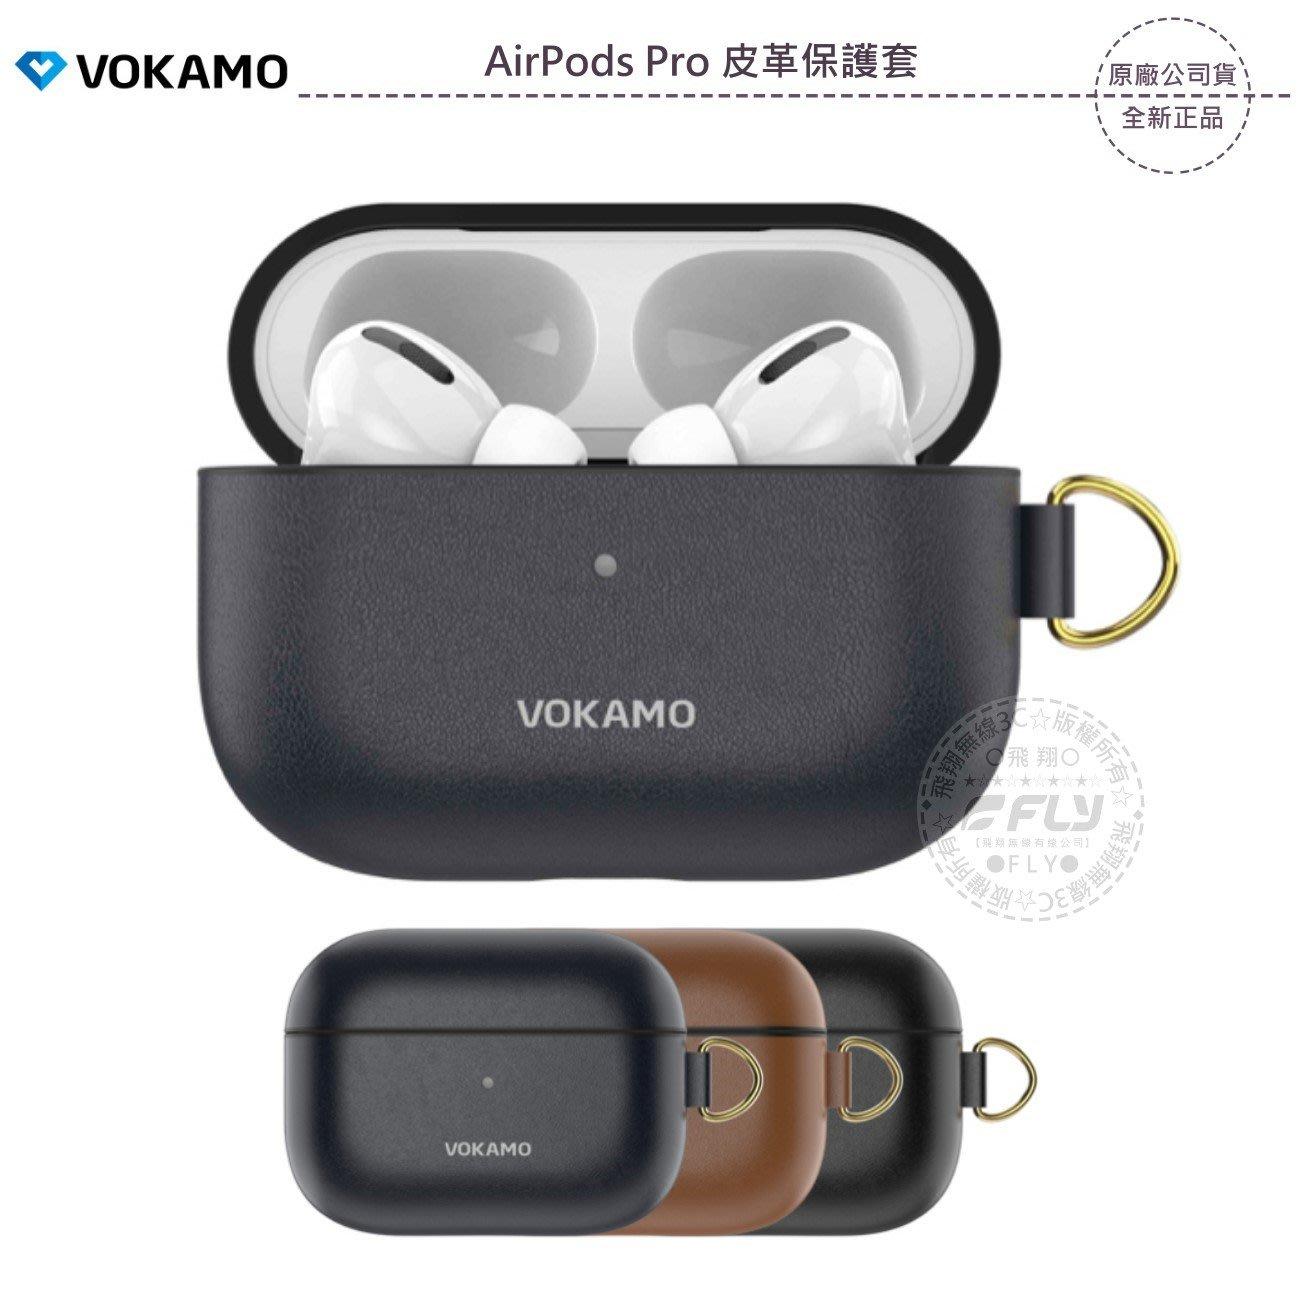 《飛翔無線3C》VOKAMO AirPods Pro 皮革保護套│公司貨│收納盒 可無線充電